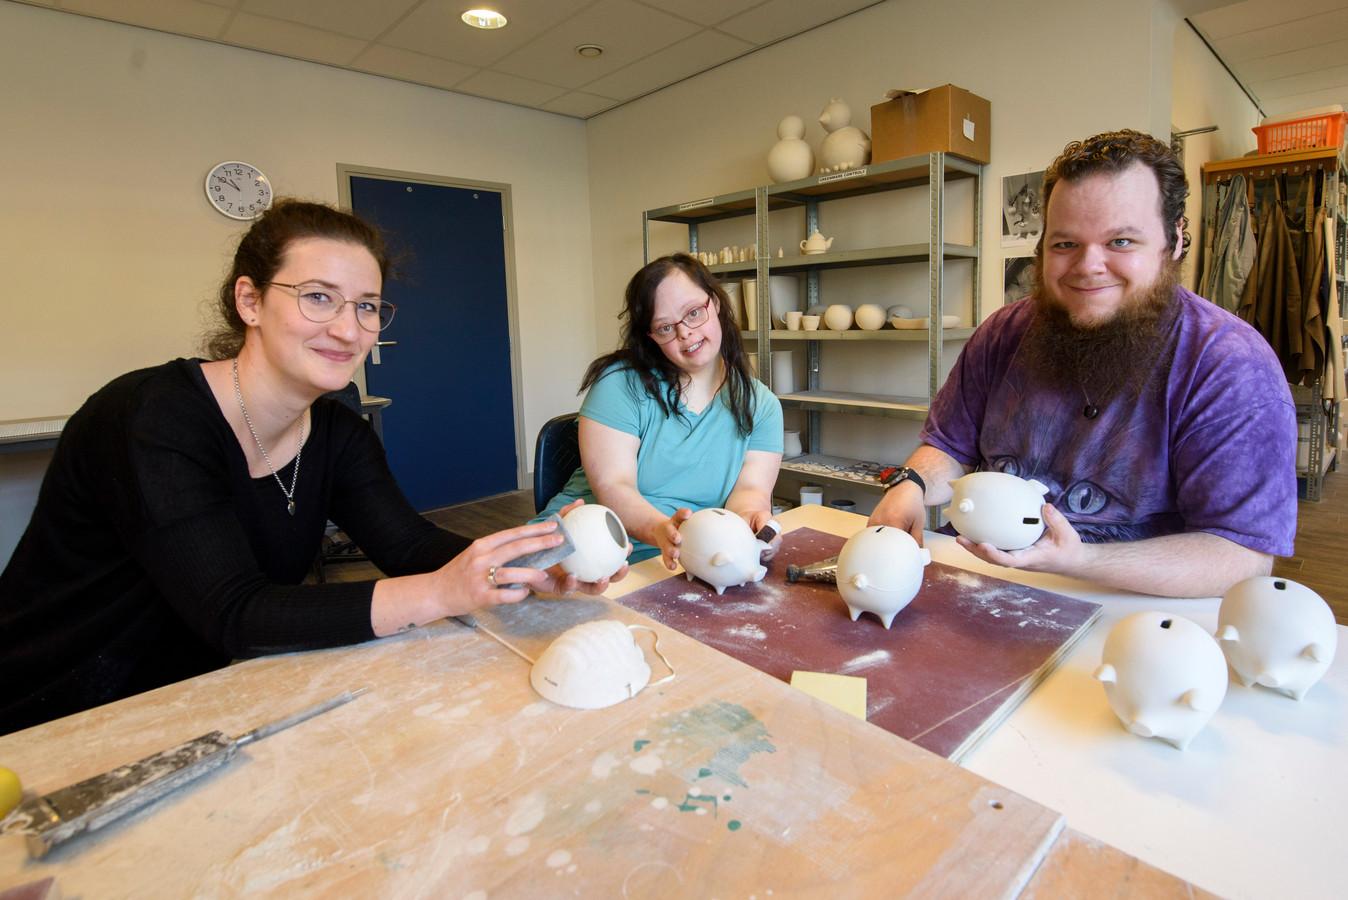 Mark Bakker en Jamie van der Hamsvoort bezig met het afwerken van net gebakken kleiproducten onder toeziend oog van begeleidster Hanneke Sõntjens.